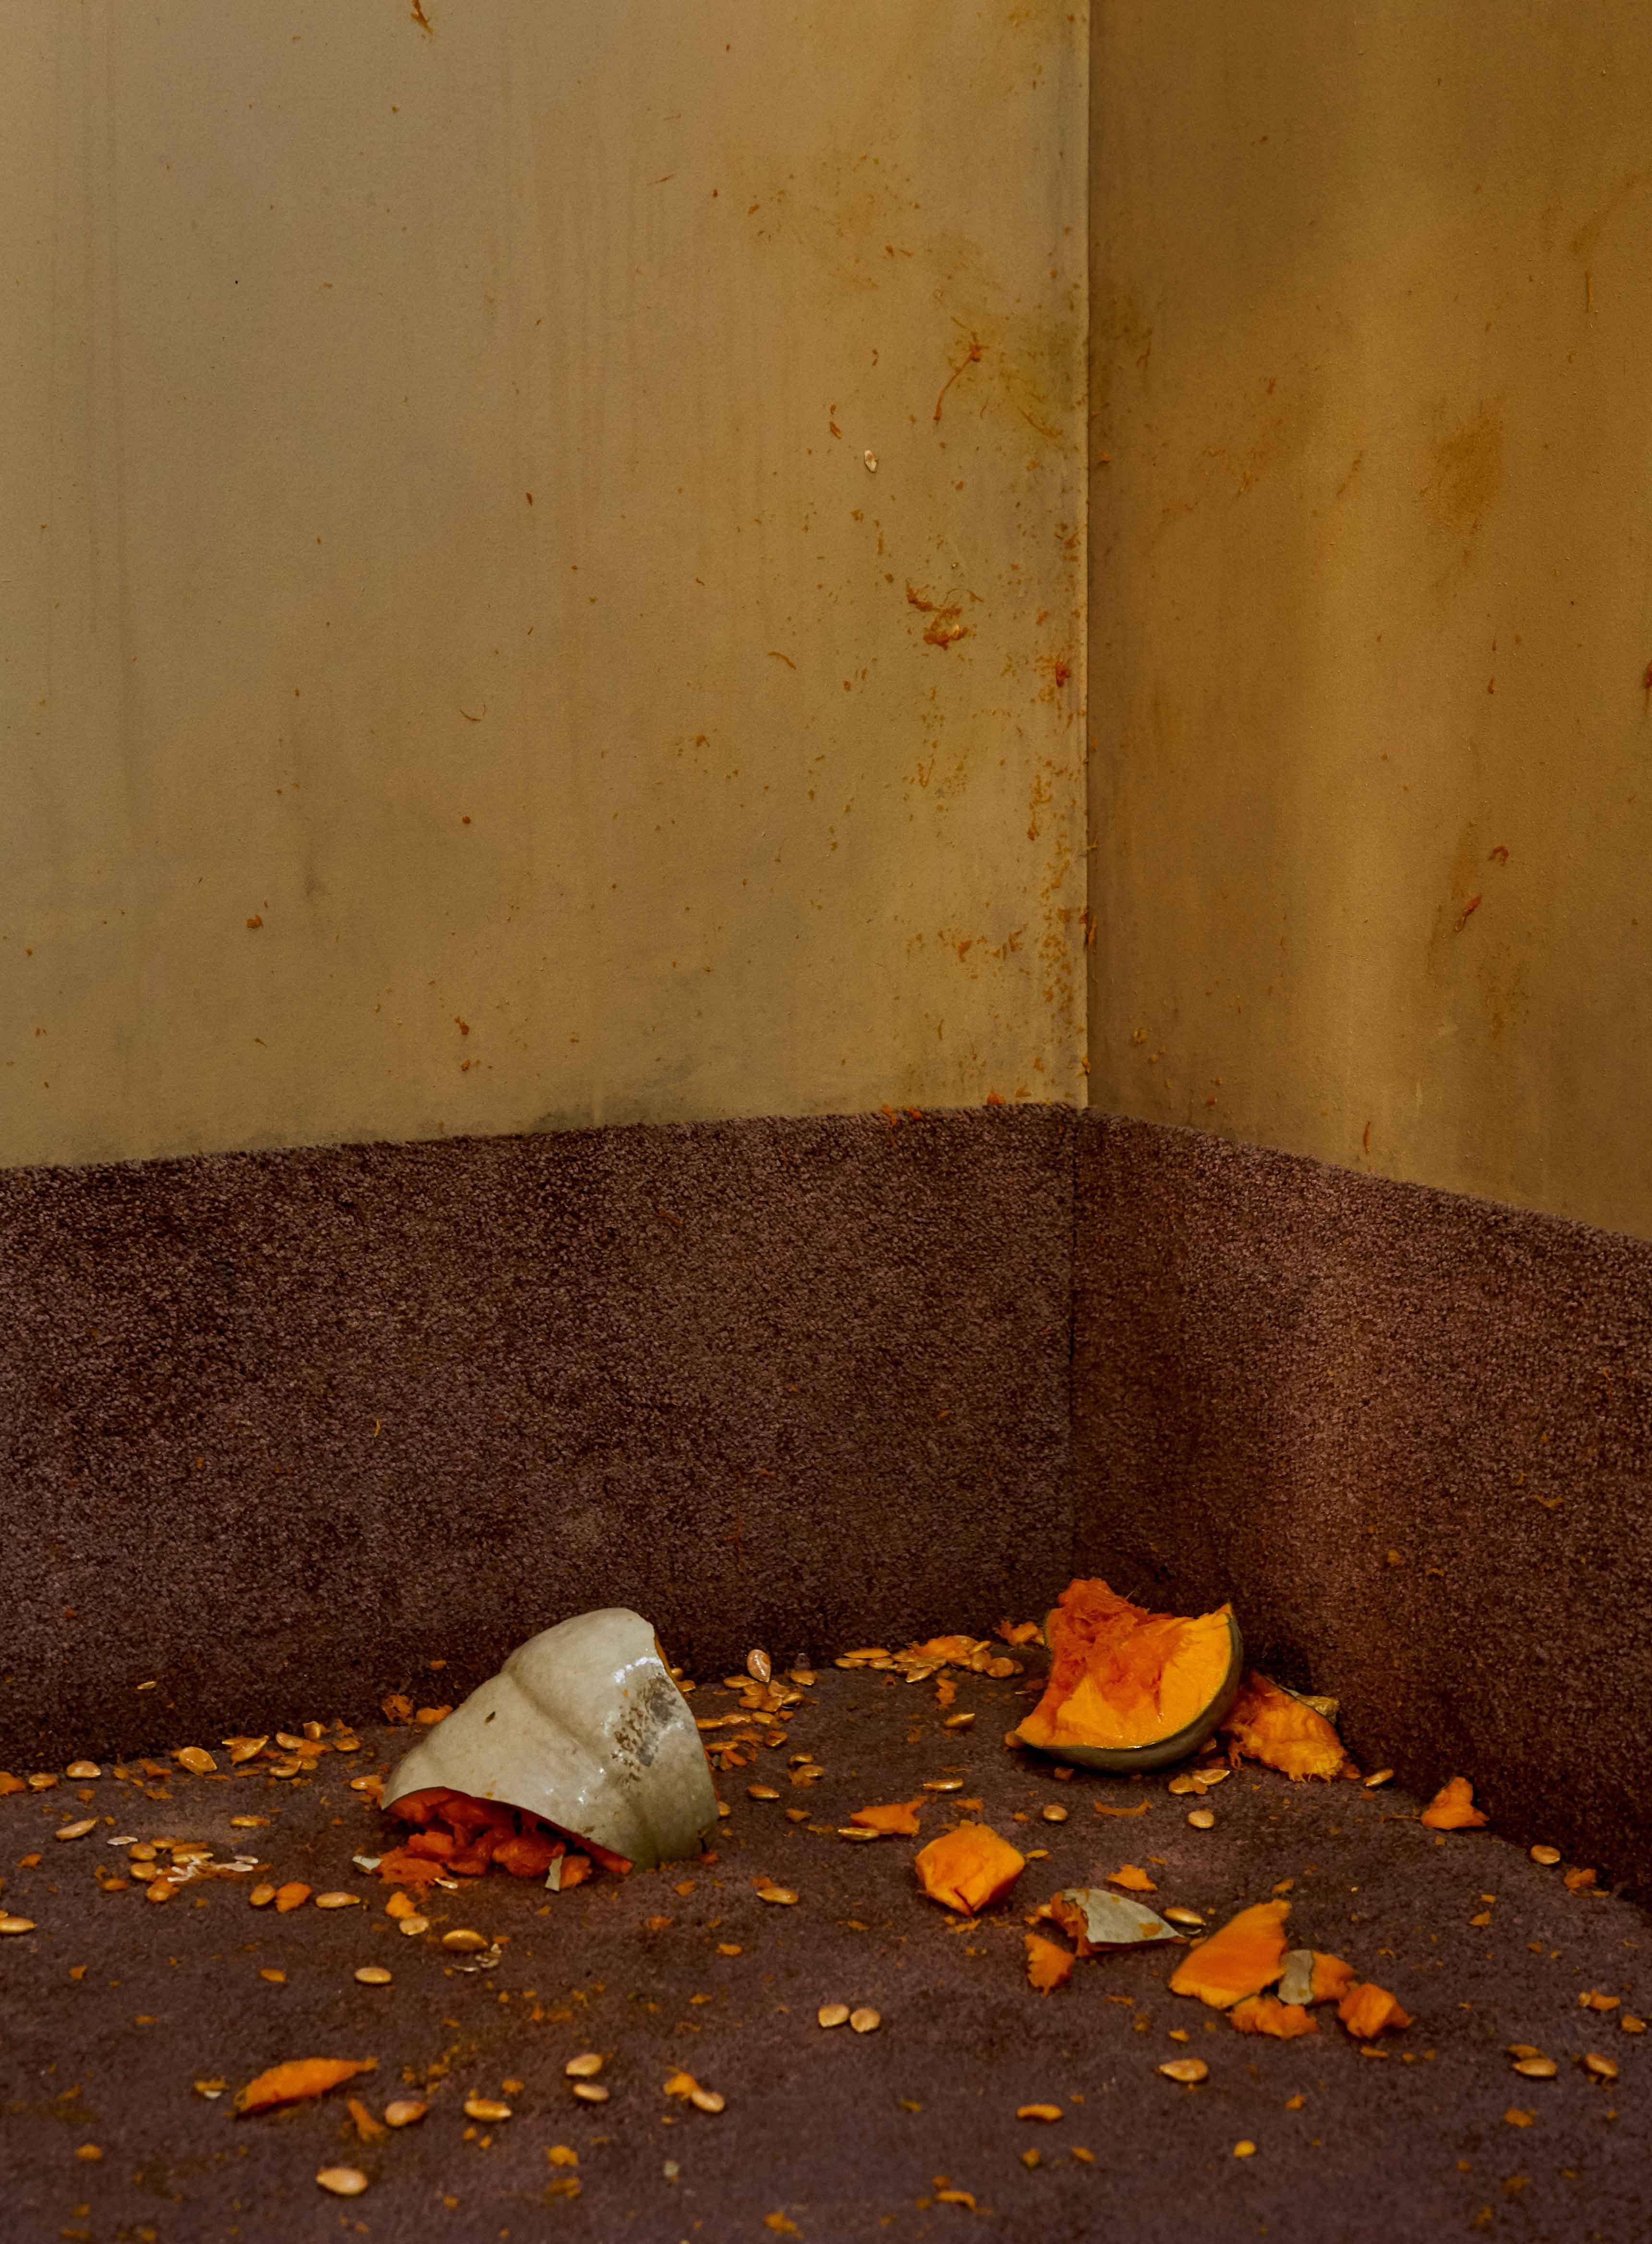 Assistant réalisation : Emil Kosuge. Mannequin : Ina Jensen chez Women Management. Coiffure : Martin Cullen chez Streeters. Maquillage : Alex Box chez ITB. Manucure : Robbie Tomkins chez Premier Hair and Make-up. Décor : Thomas Bird. Numérique : Glen Travis. Production : Kathy Mohadjer chez Quadriga.